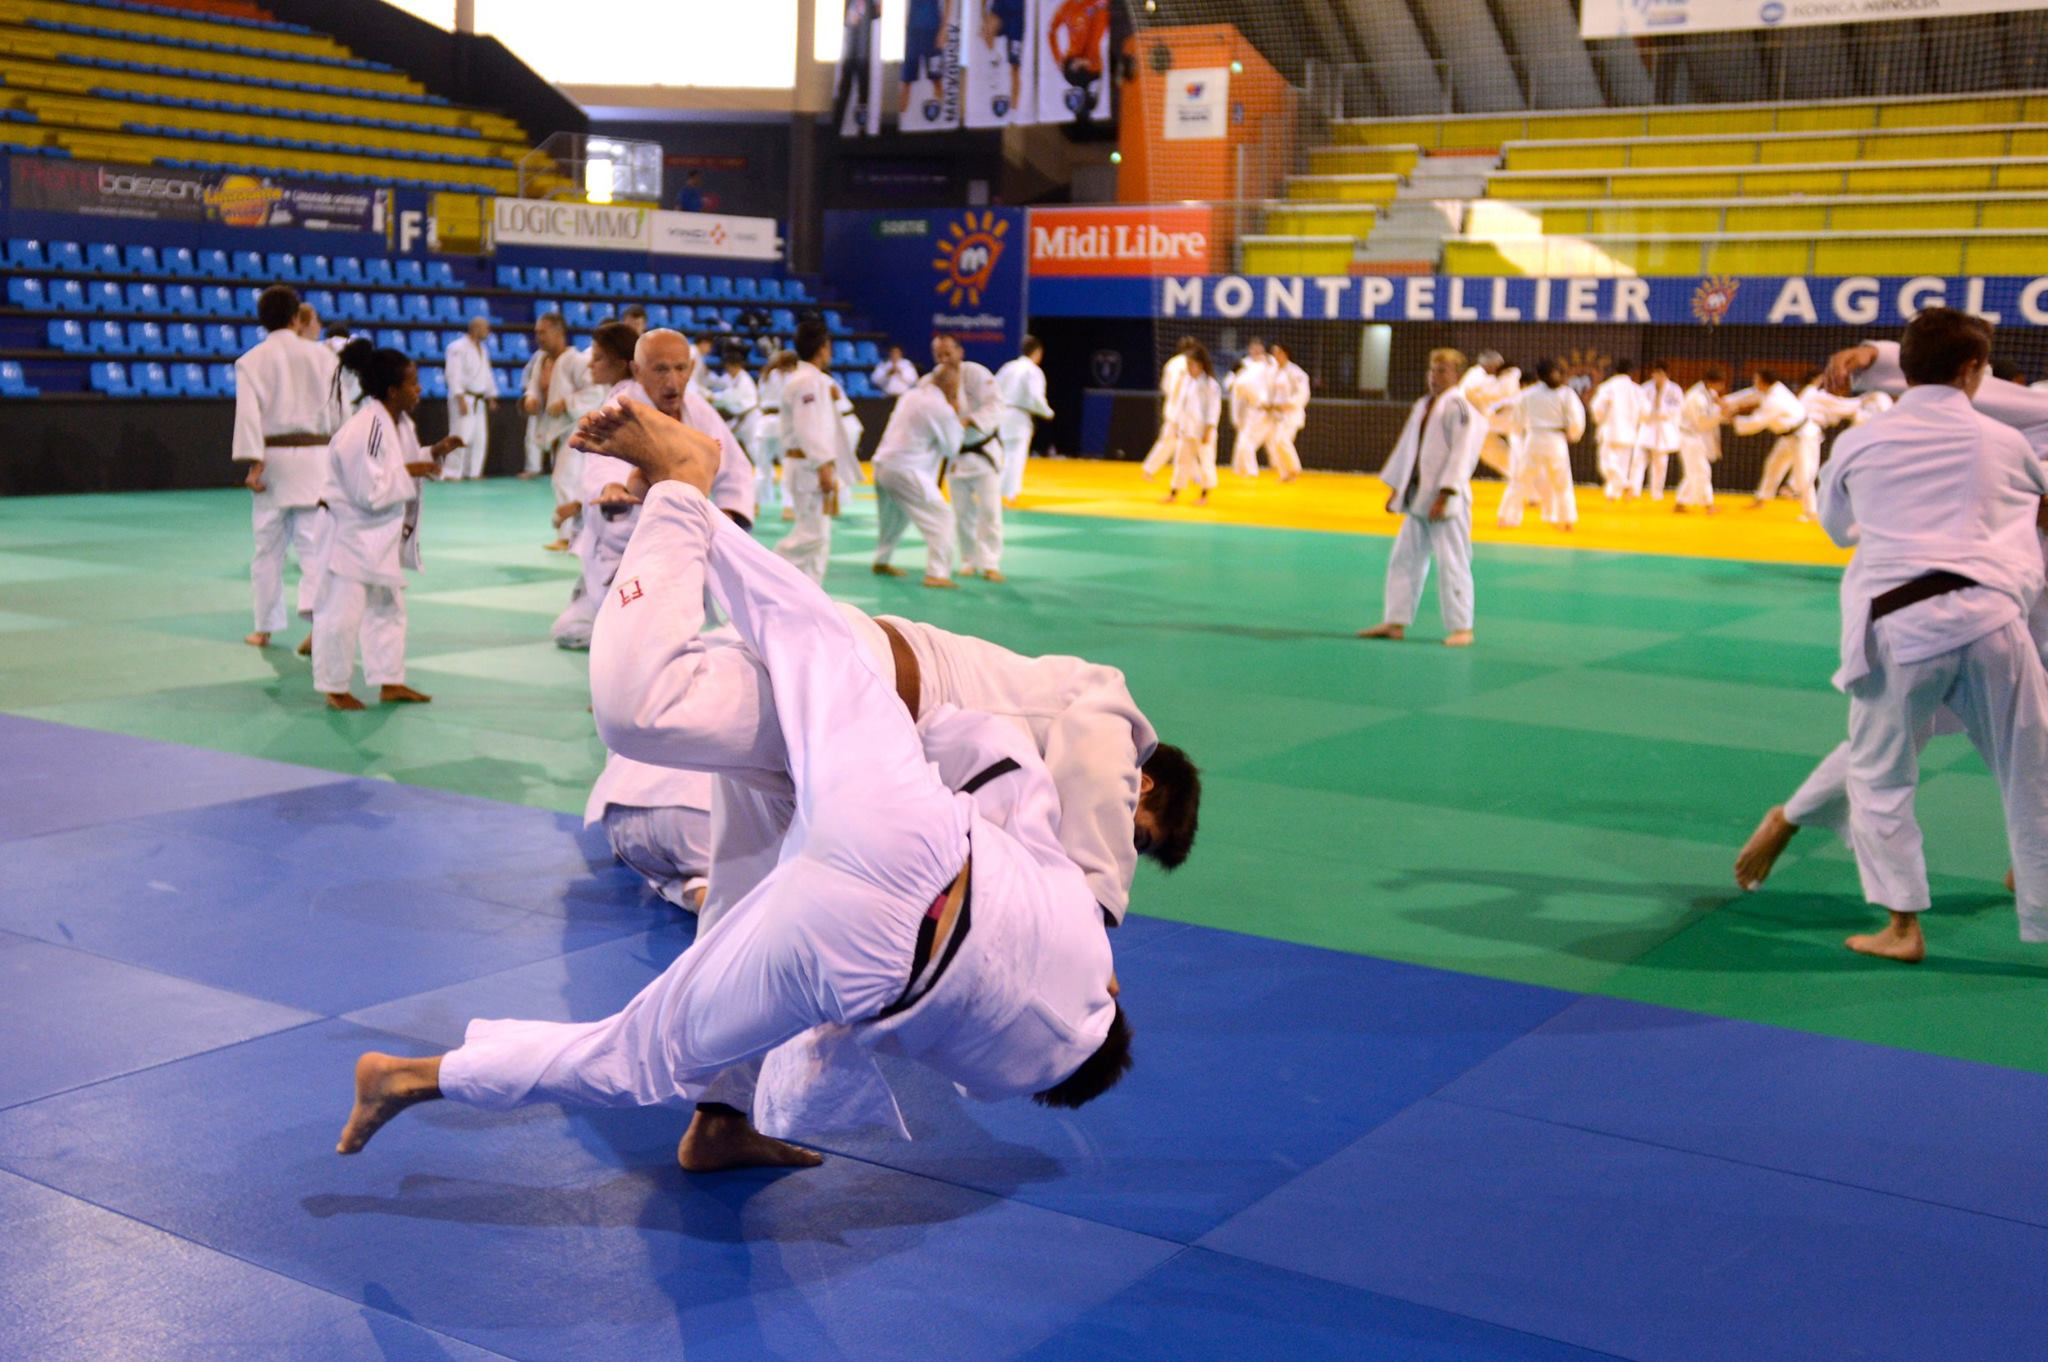 Stage de Montpellier